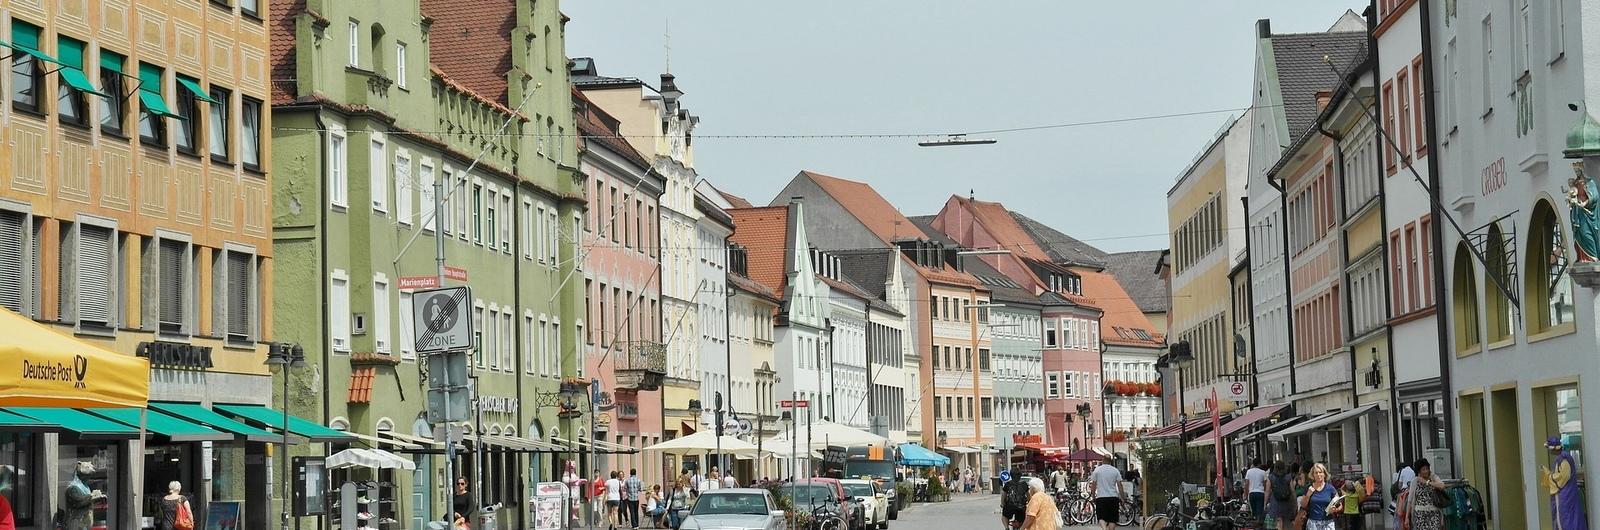 freising city header